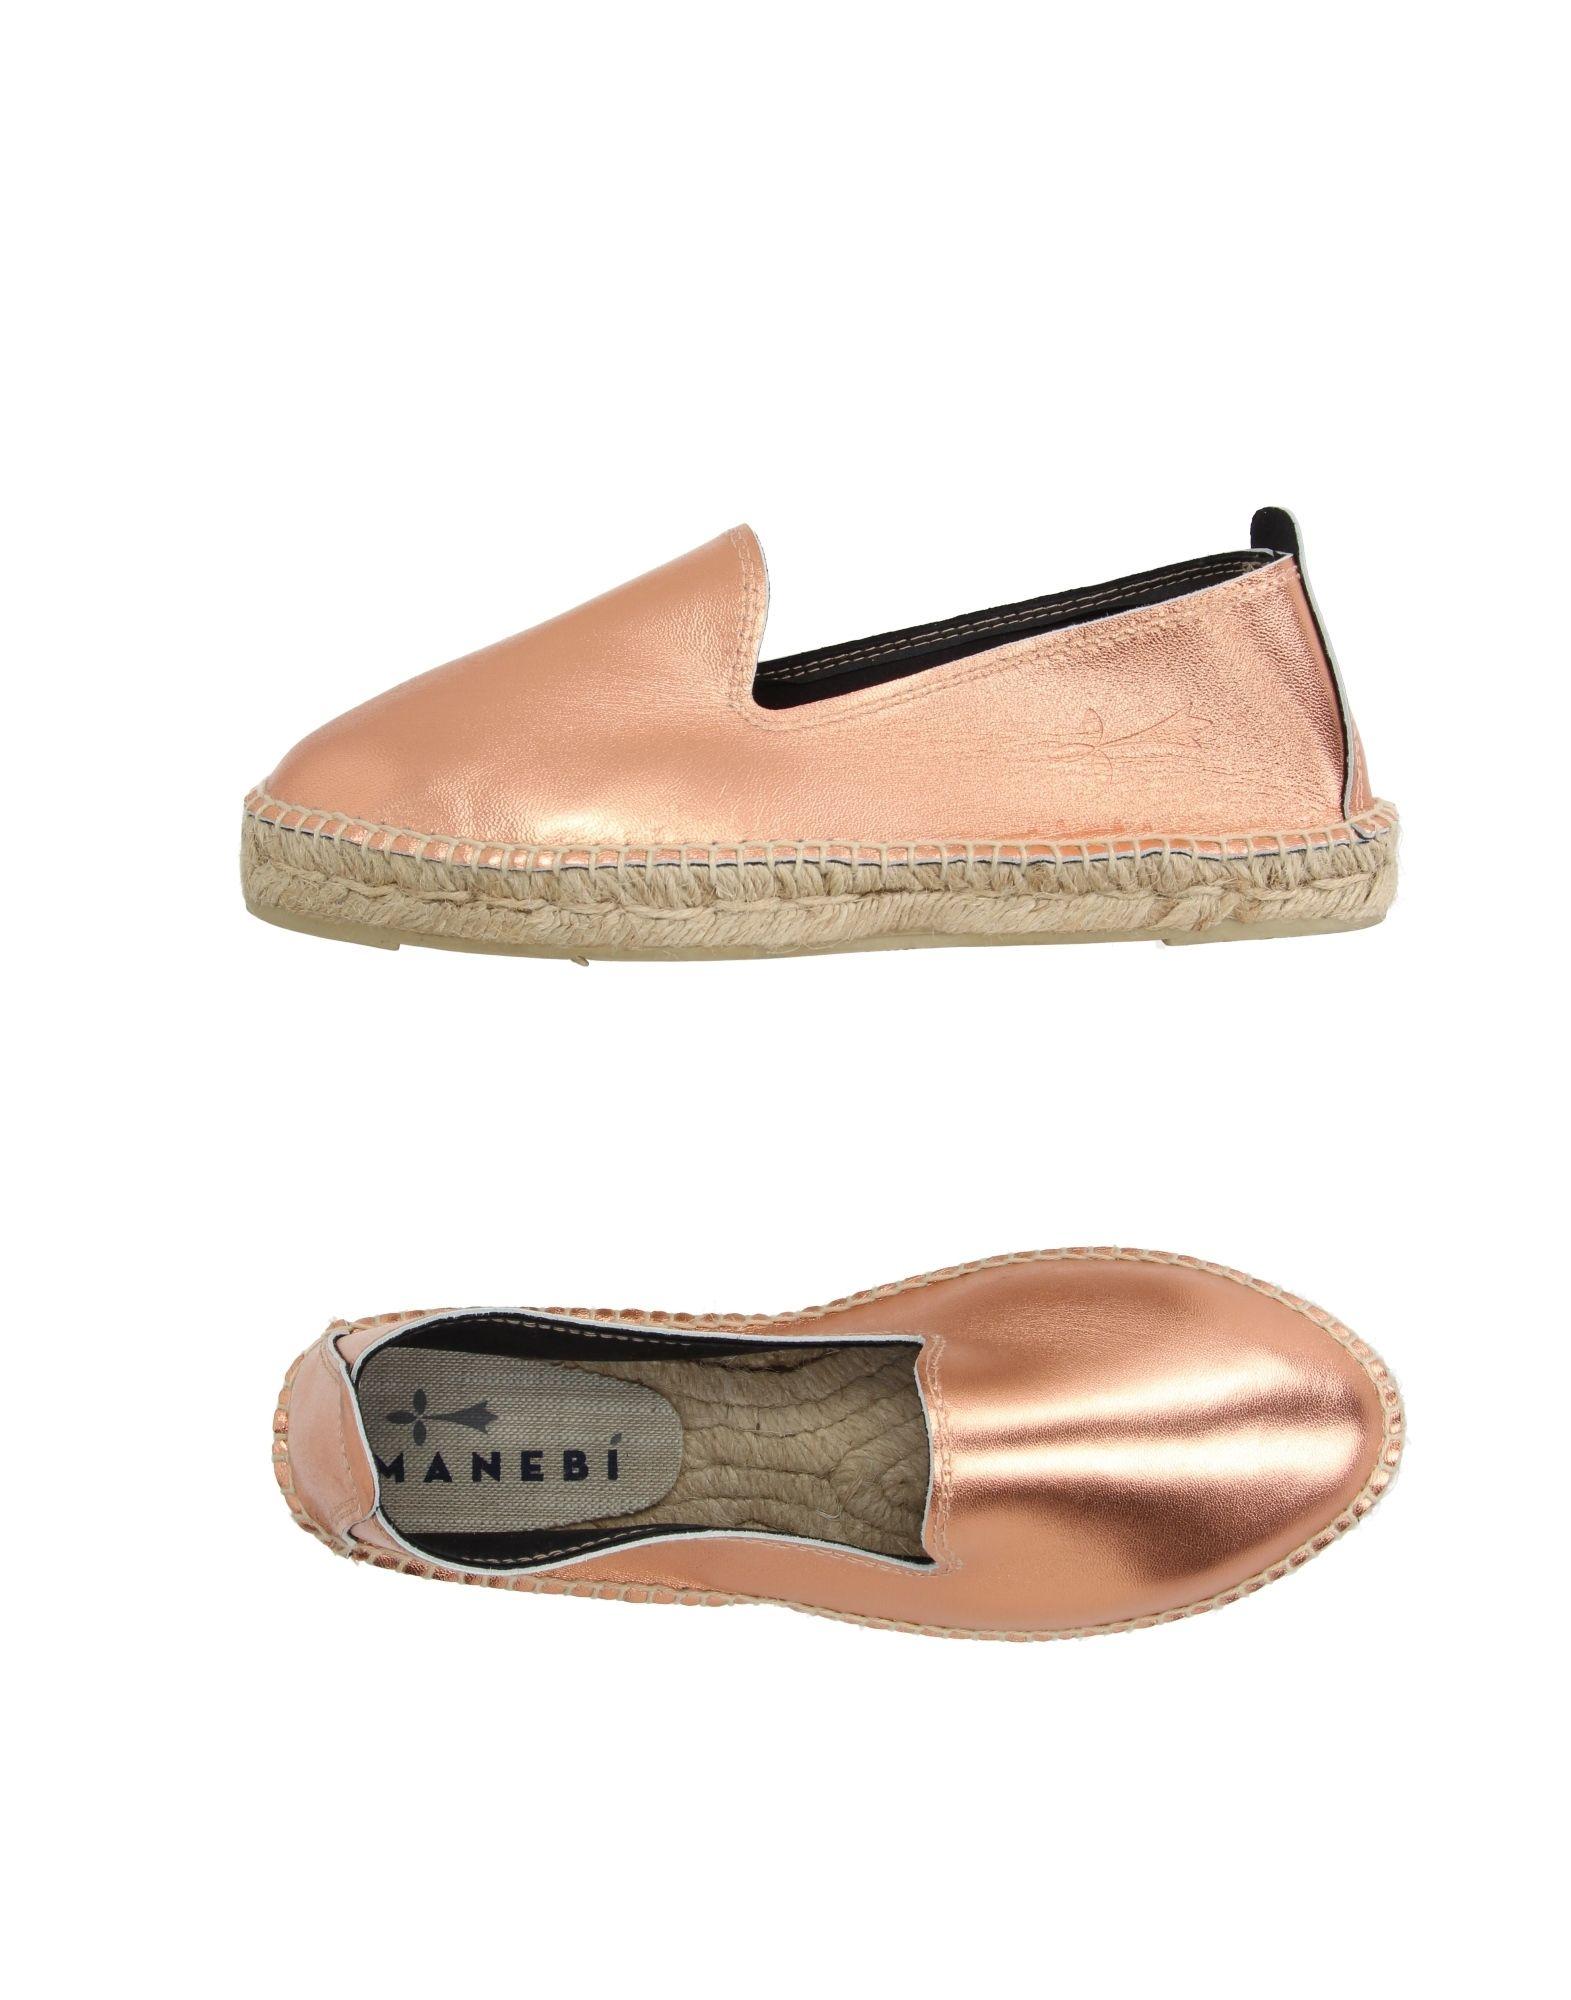 Manebí Espadrilles Damen  11187028OG Gute Qualität beliebte Schuhe Schuhe Schuhe 8fab3b